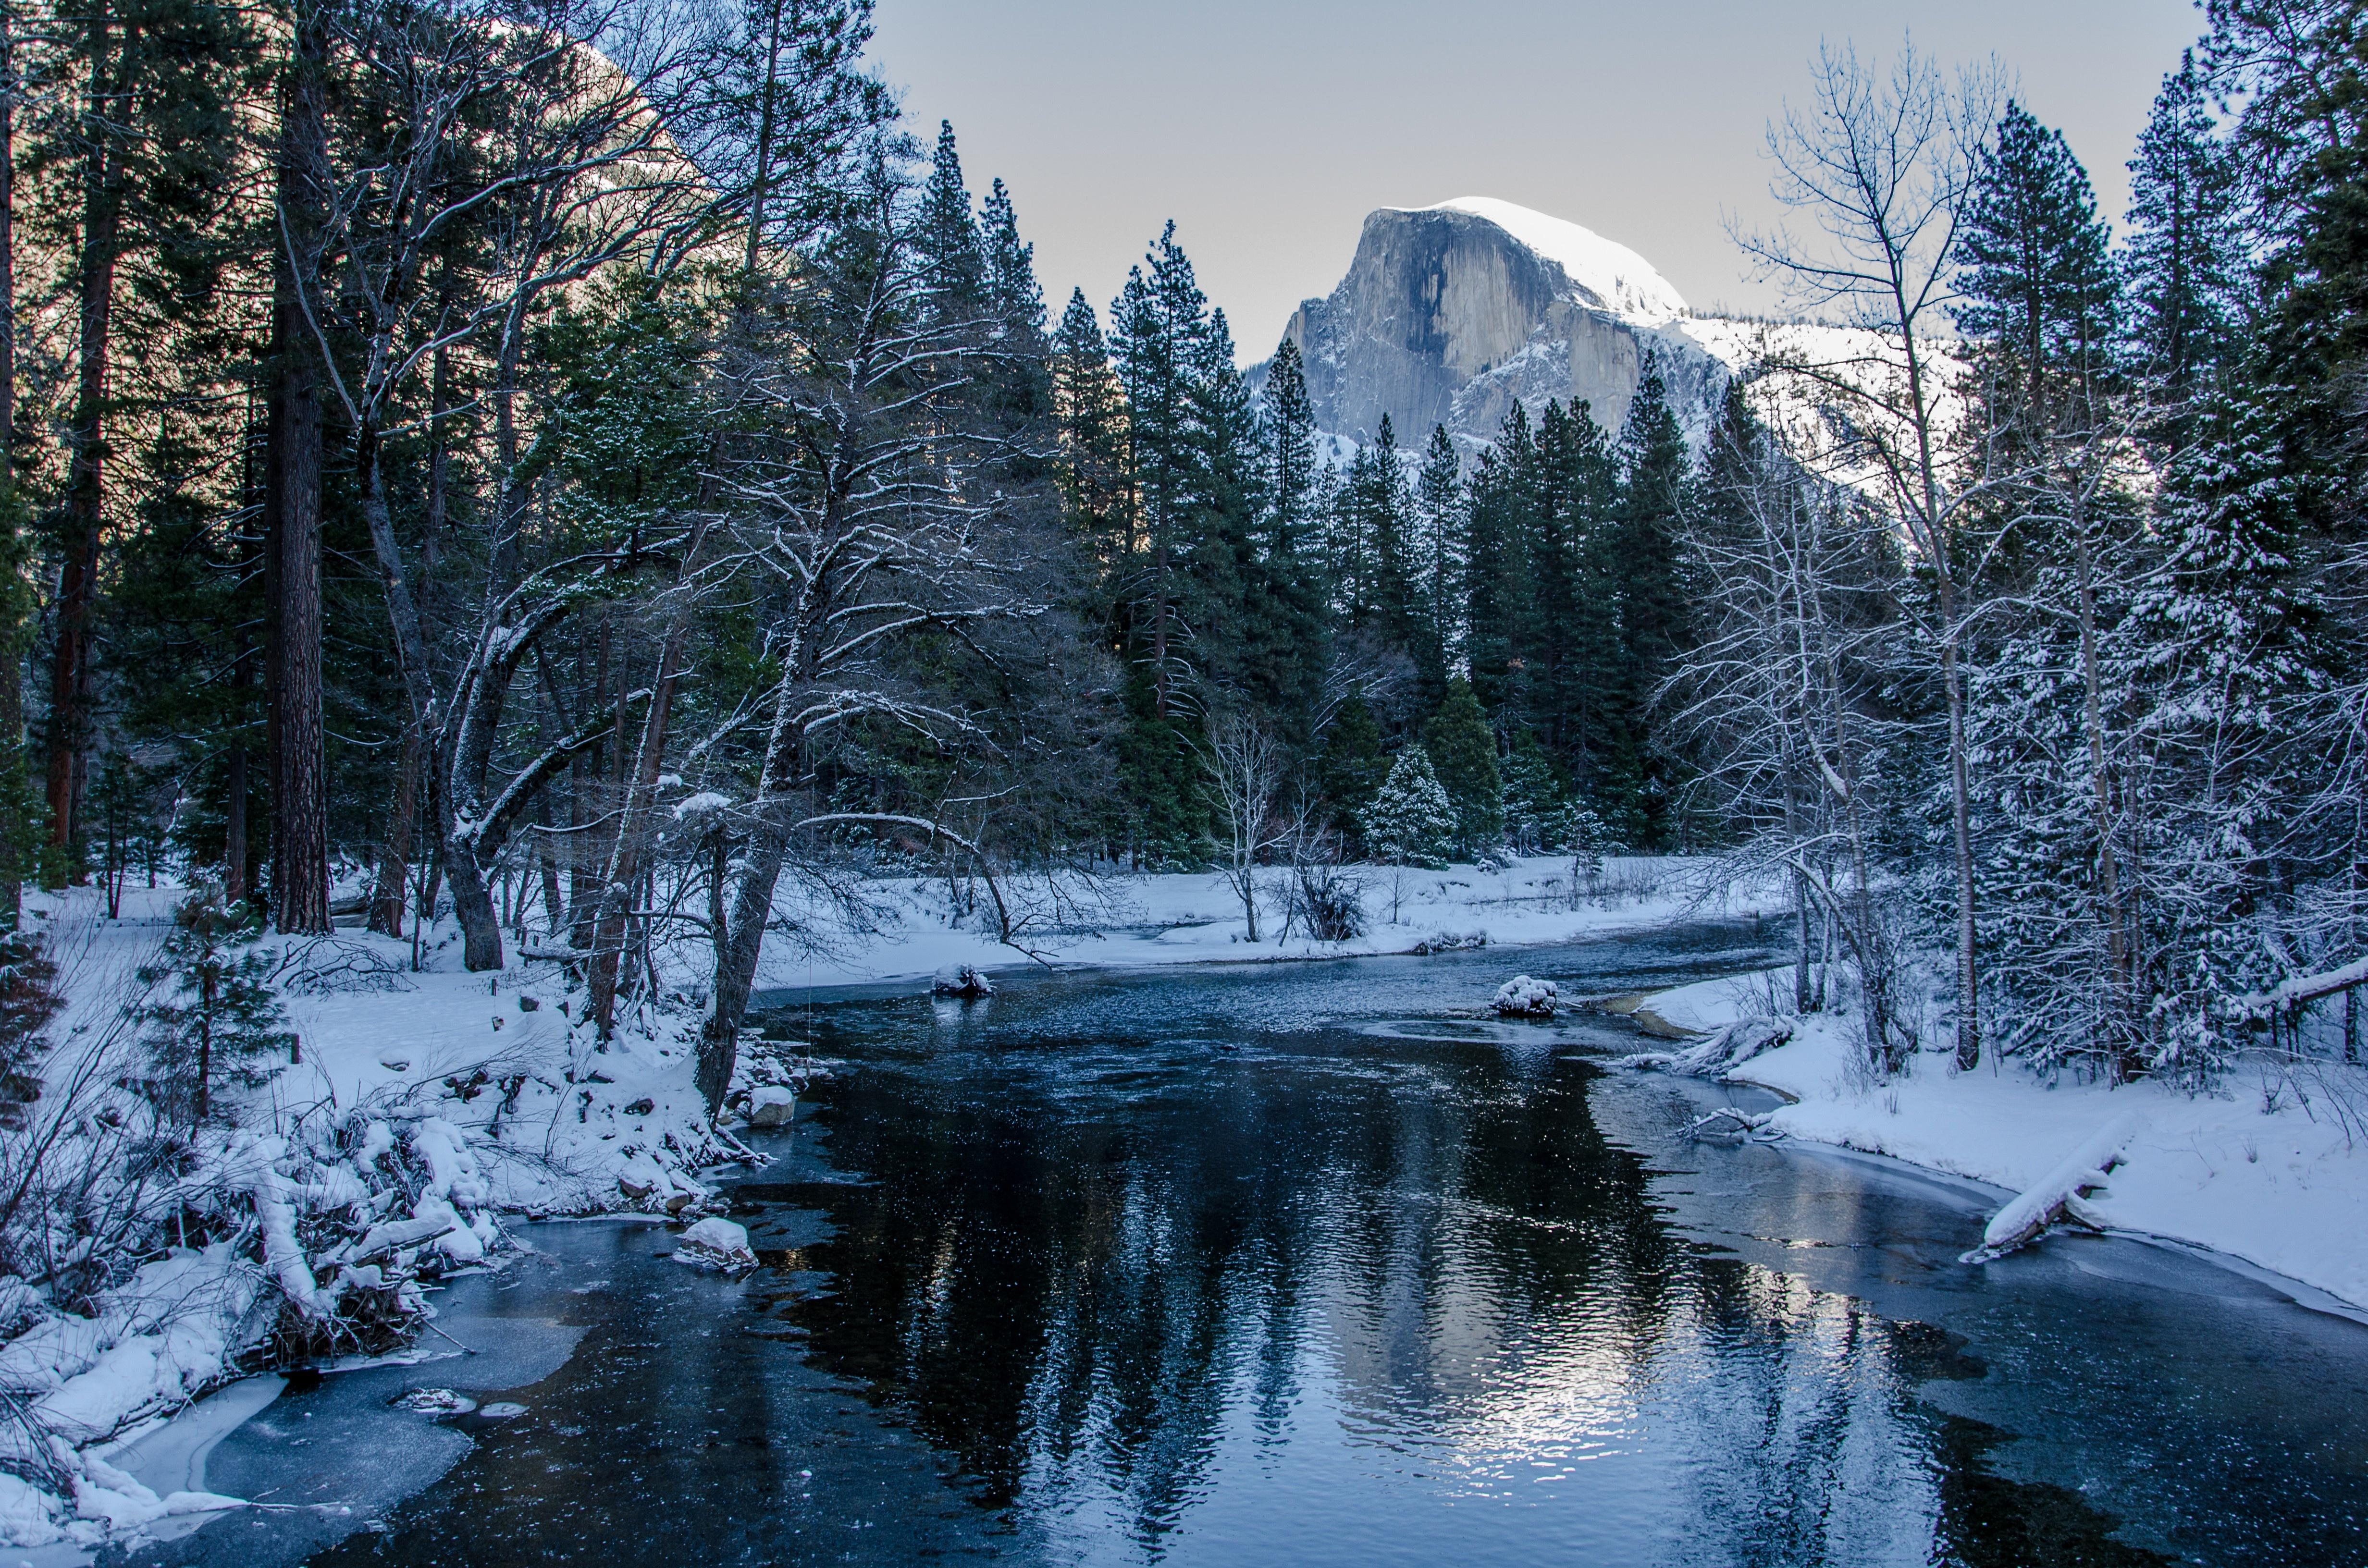 природа снег зима деревья горы  № 2577155 бесплатно